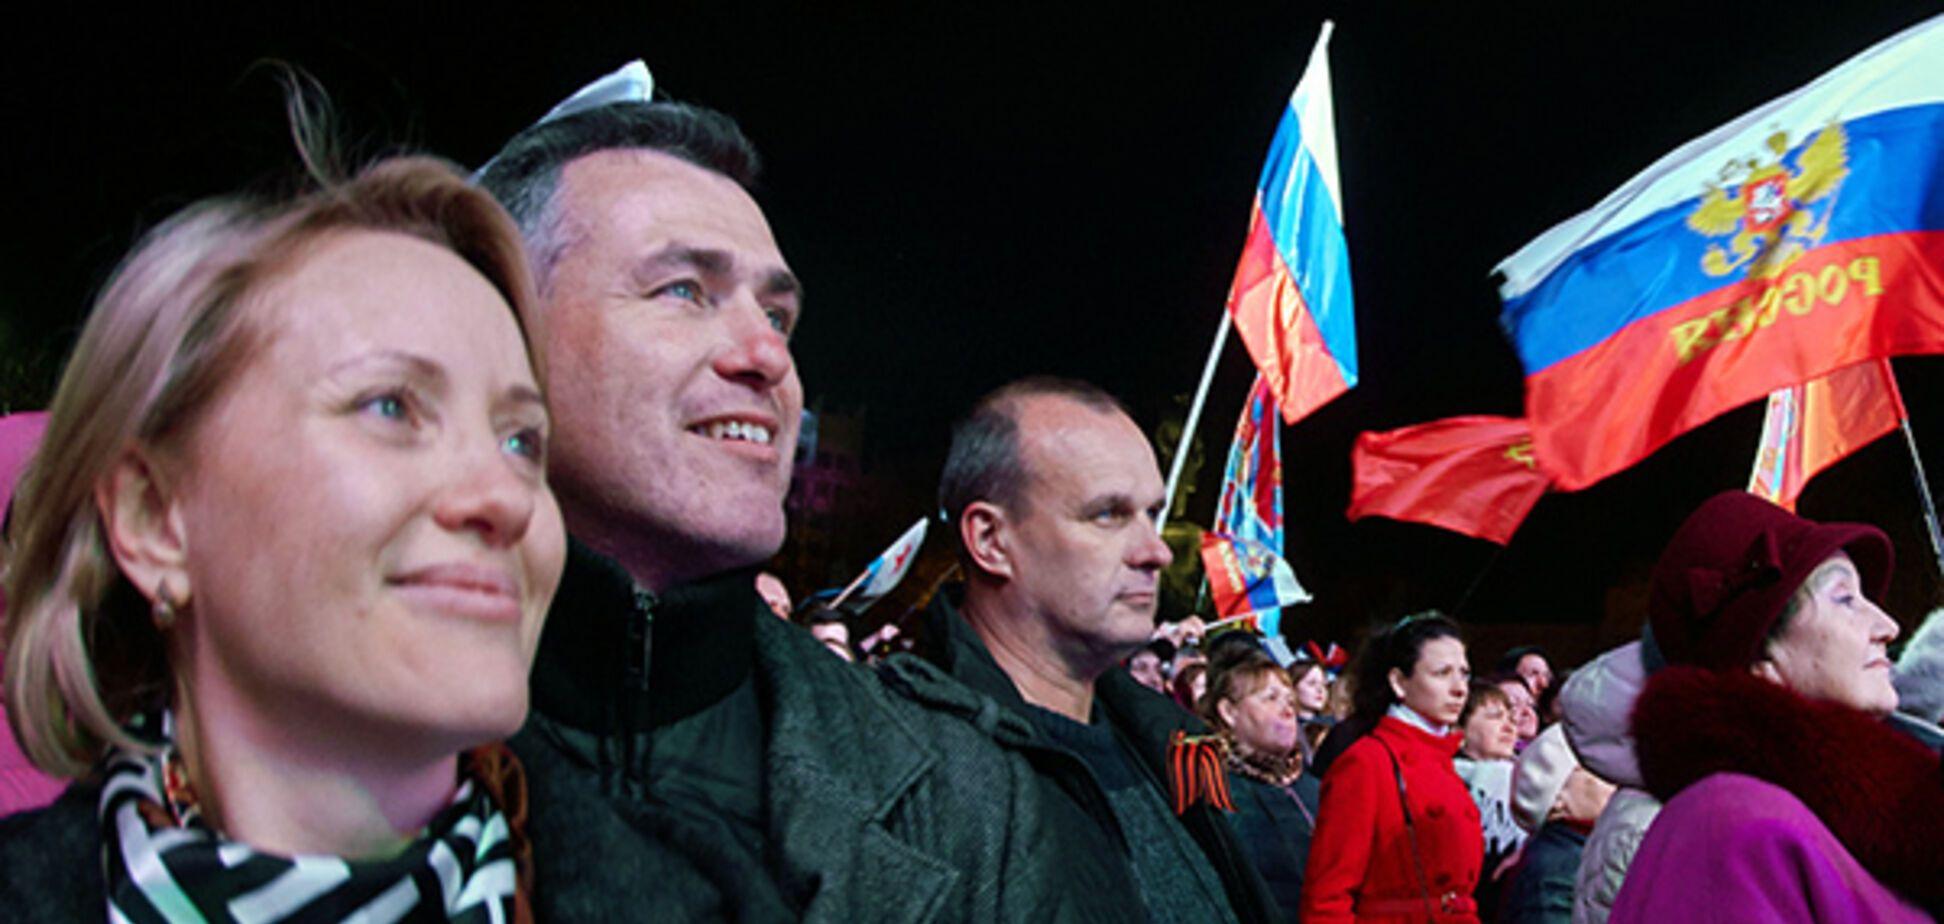 Пророссийские ребята в Крыму отчаянно любят двойные стандарты